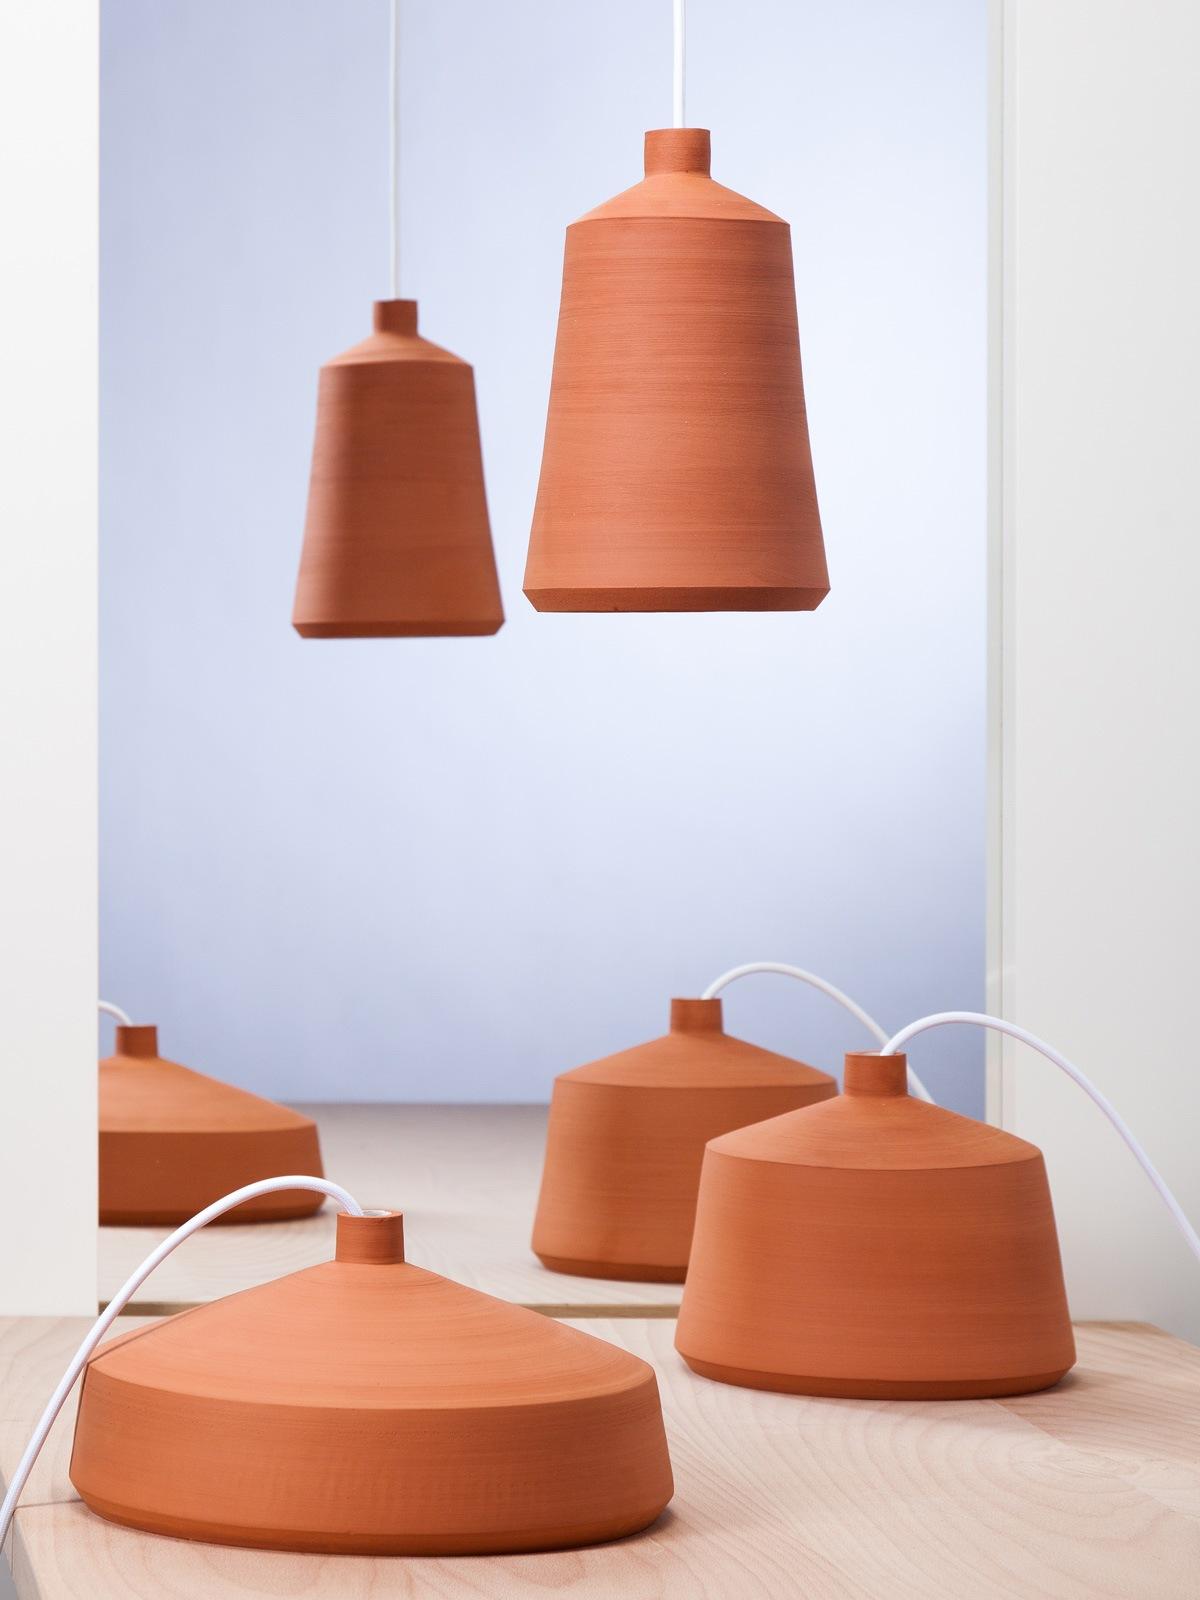 Flame Leuchtenserie Pott Designort